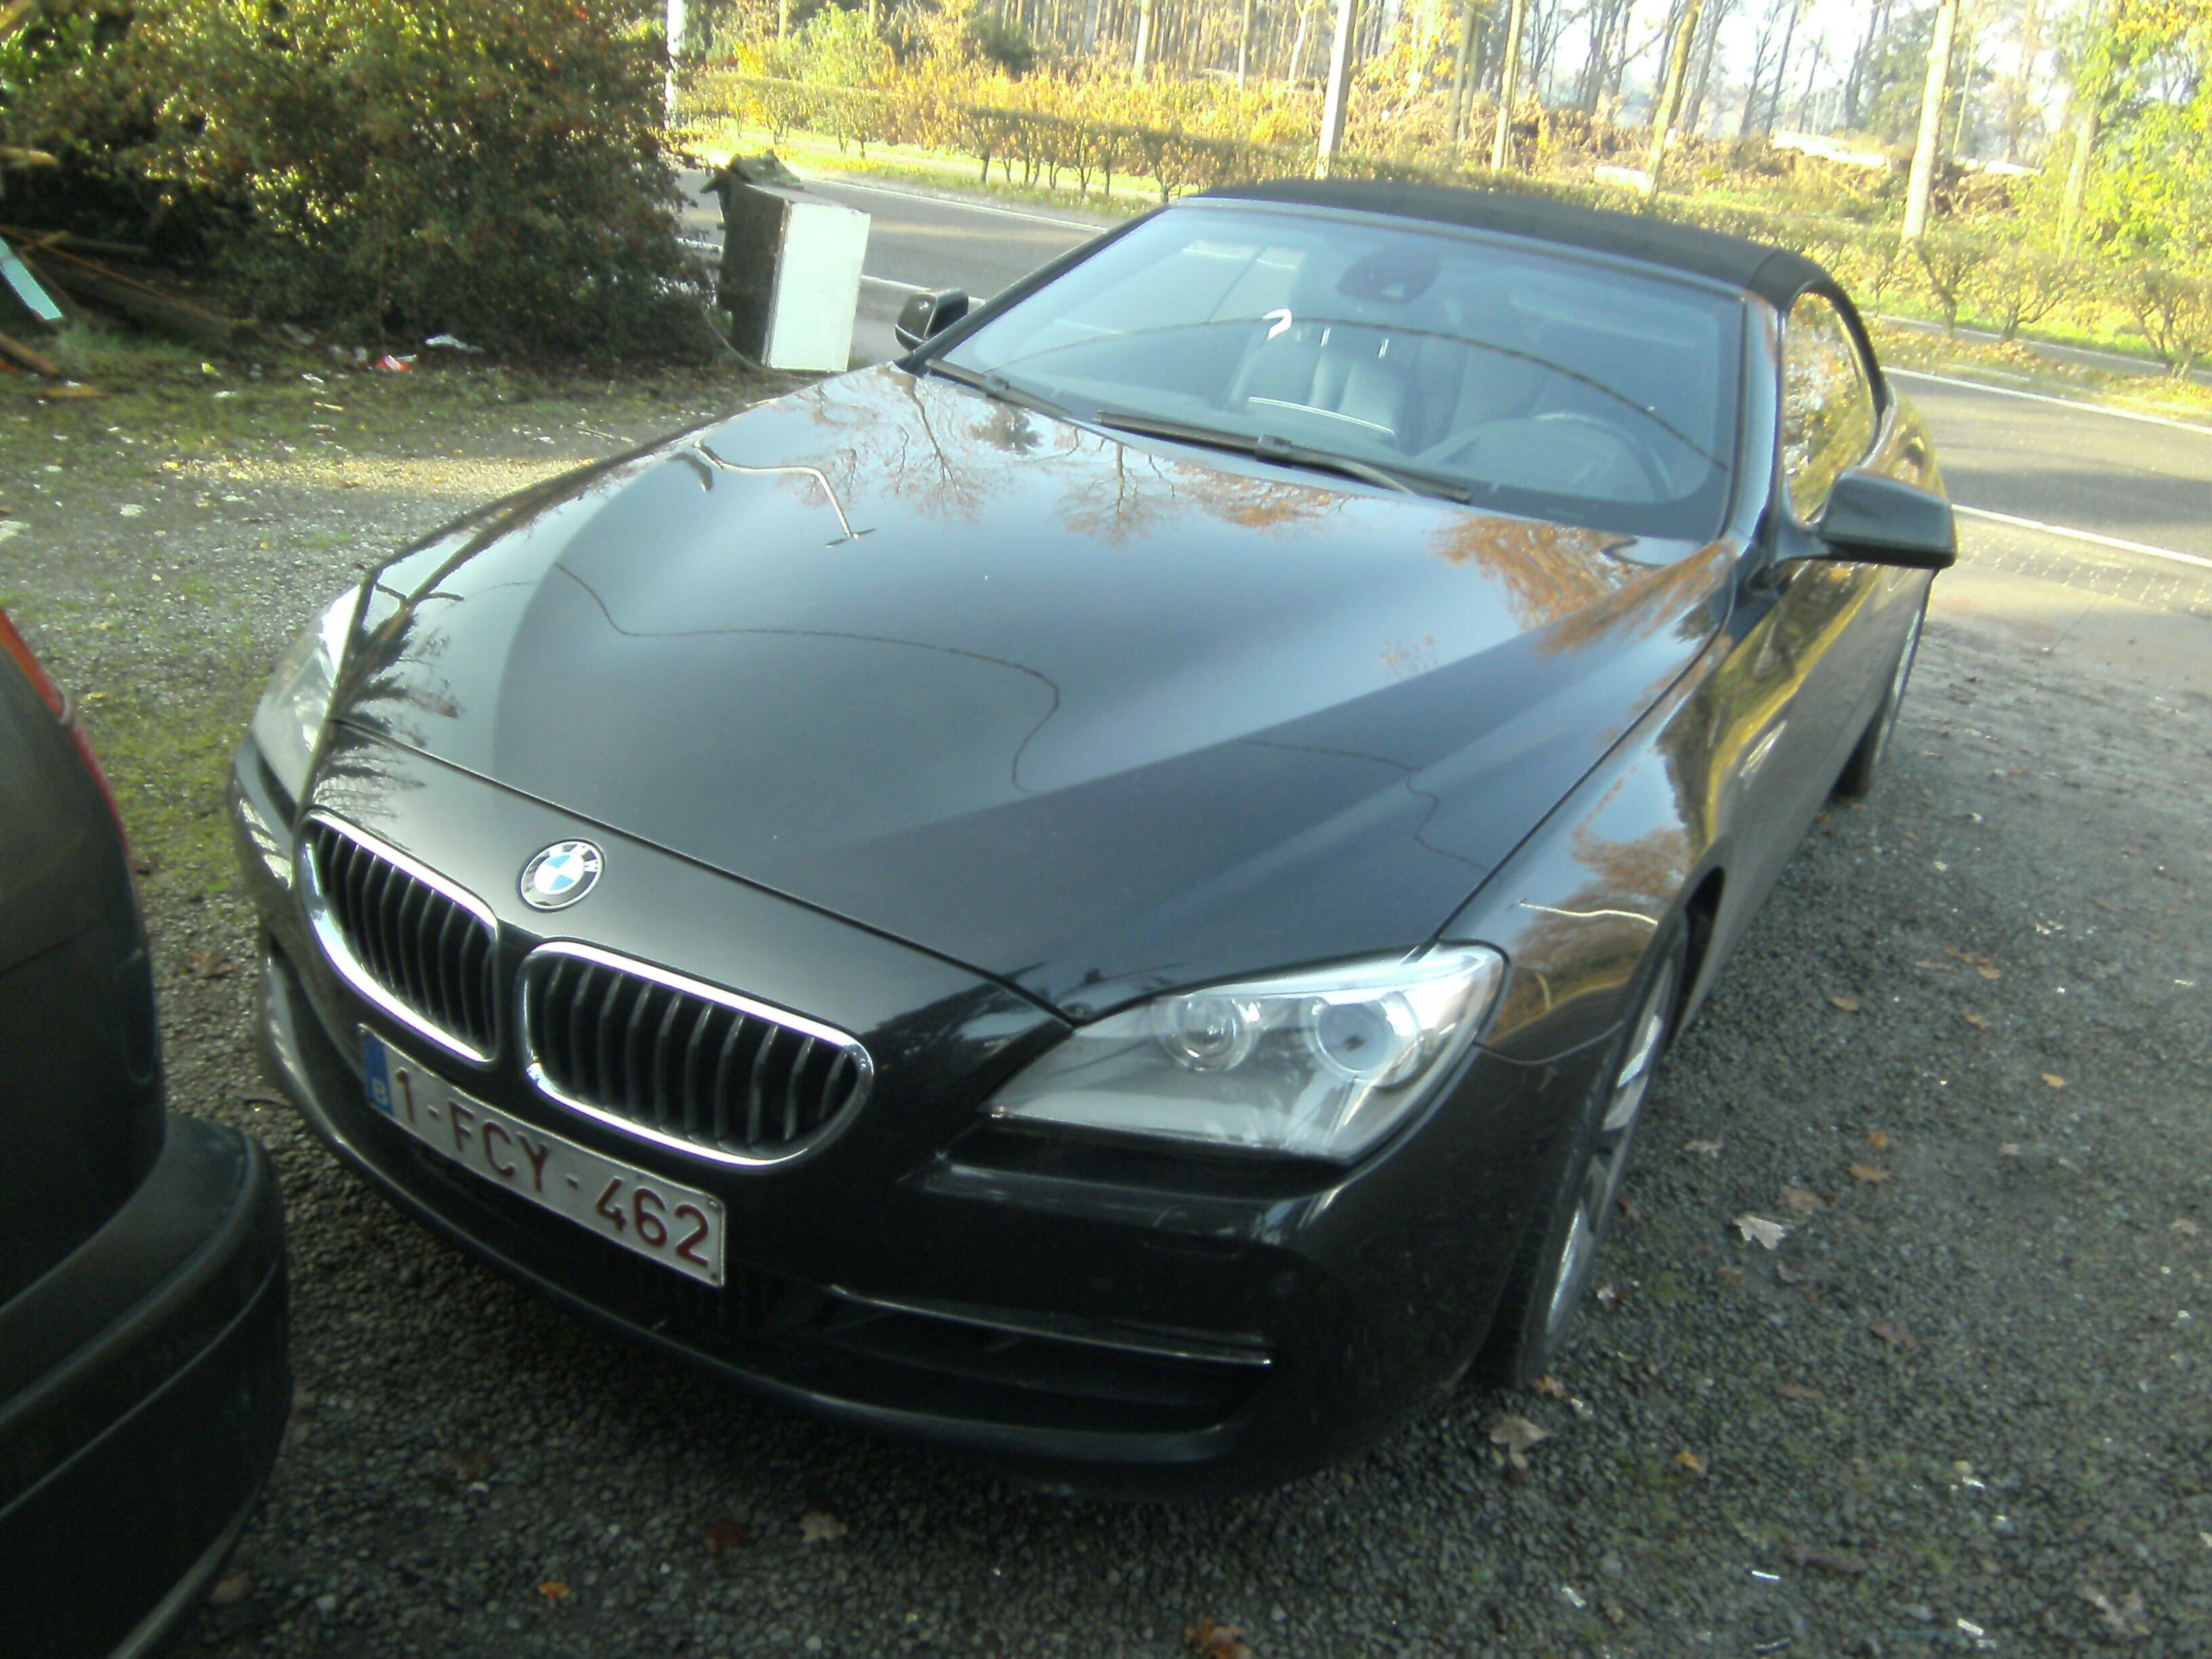 BMW 640 Convertible cabrio 3.0 benzine ,400 eur biv!!,105 dkm !!F.O.,29000 geen btw 2/5